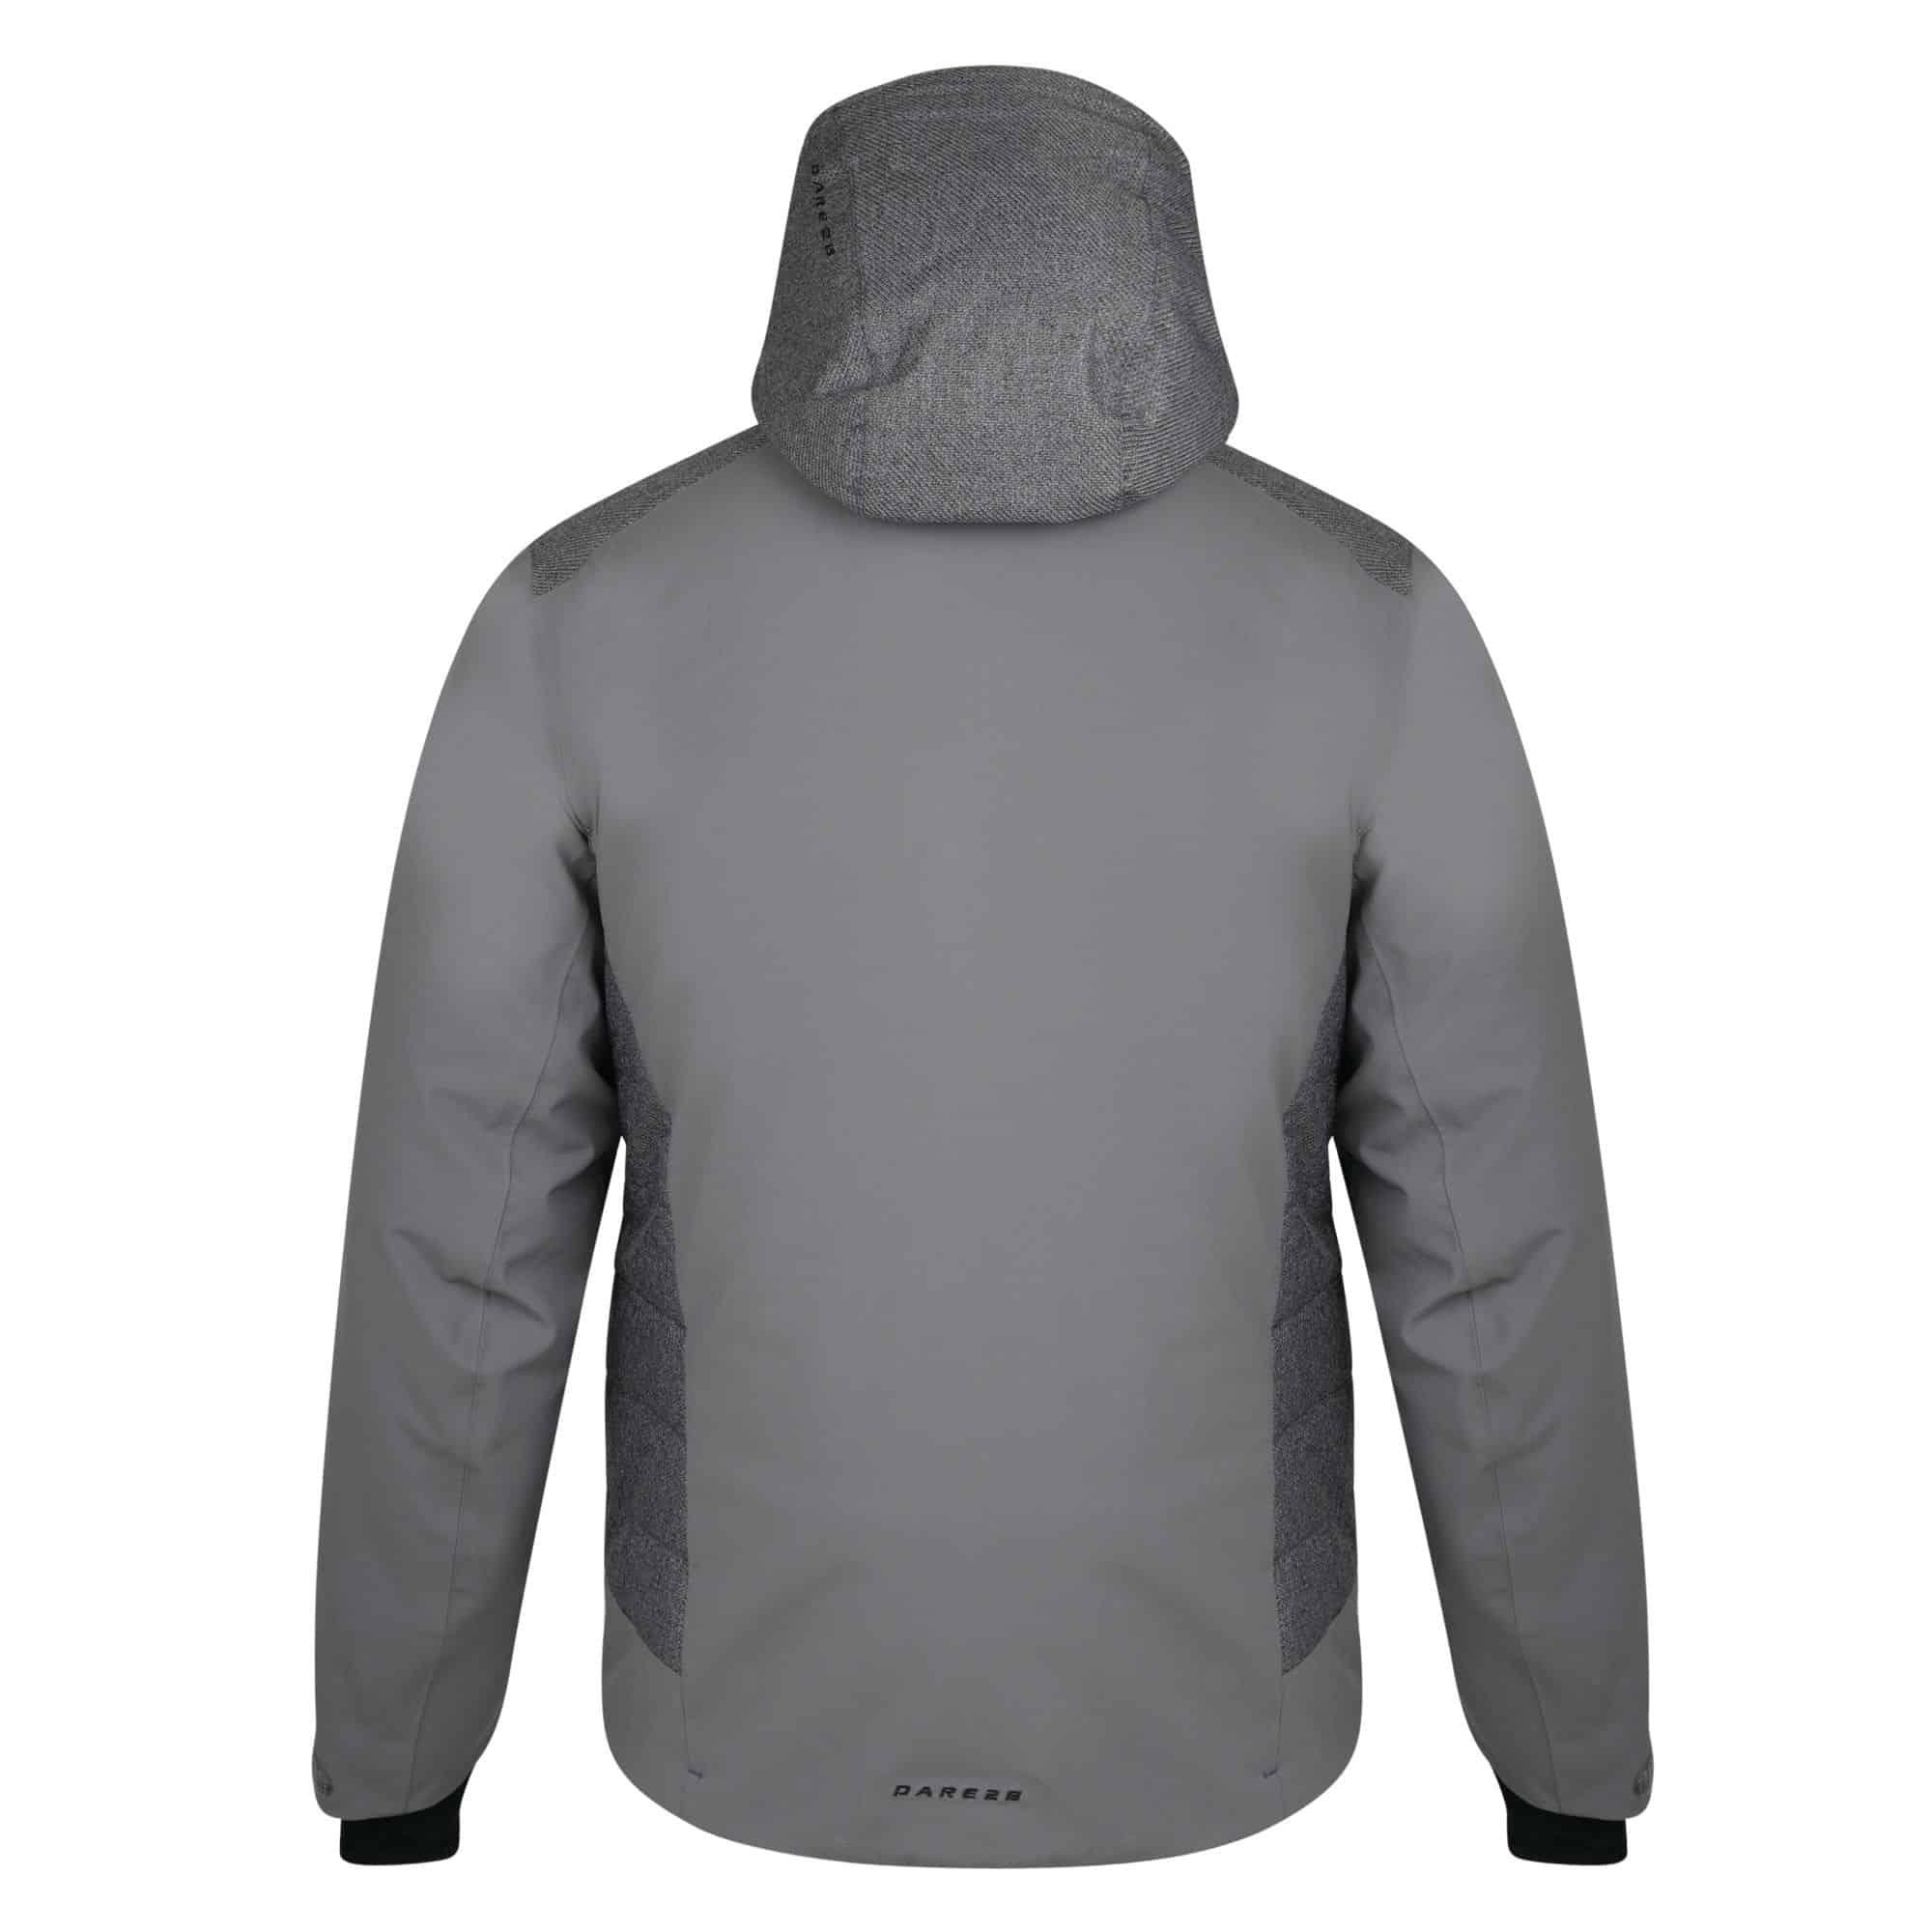 rendition 1718 jacket grey rear